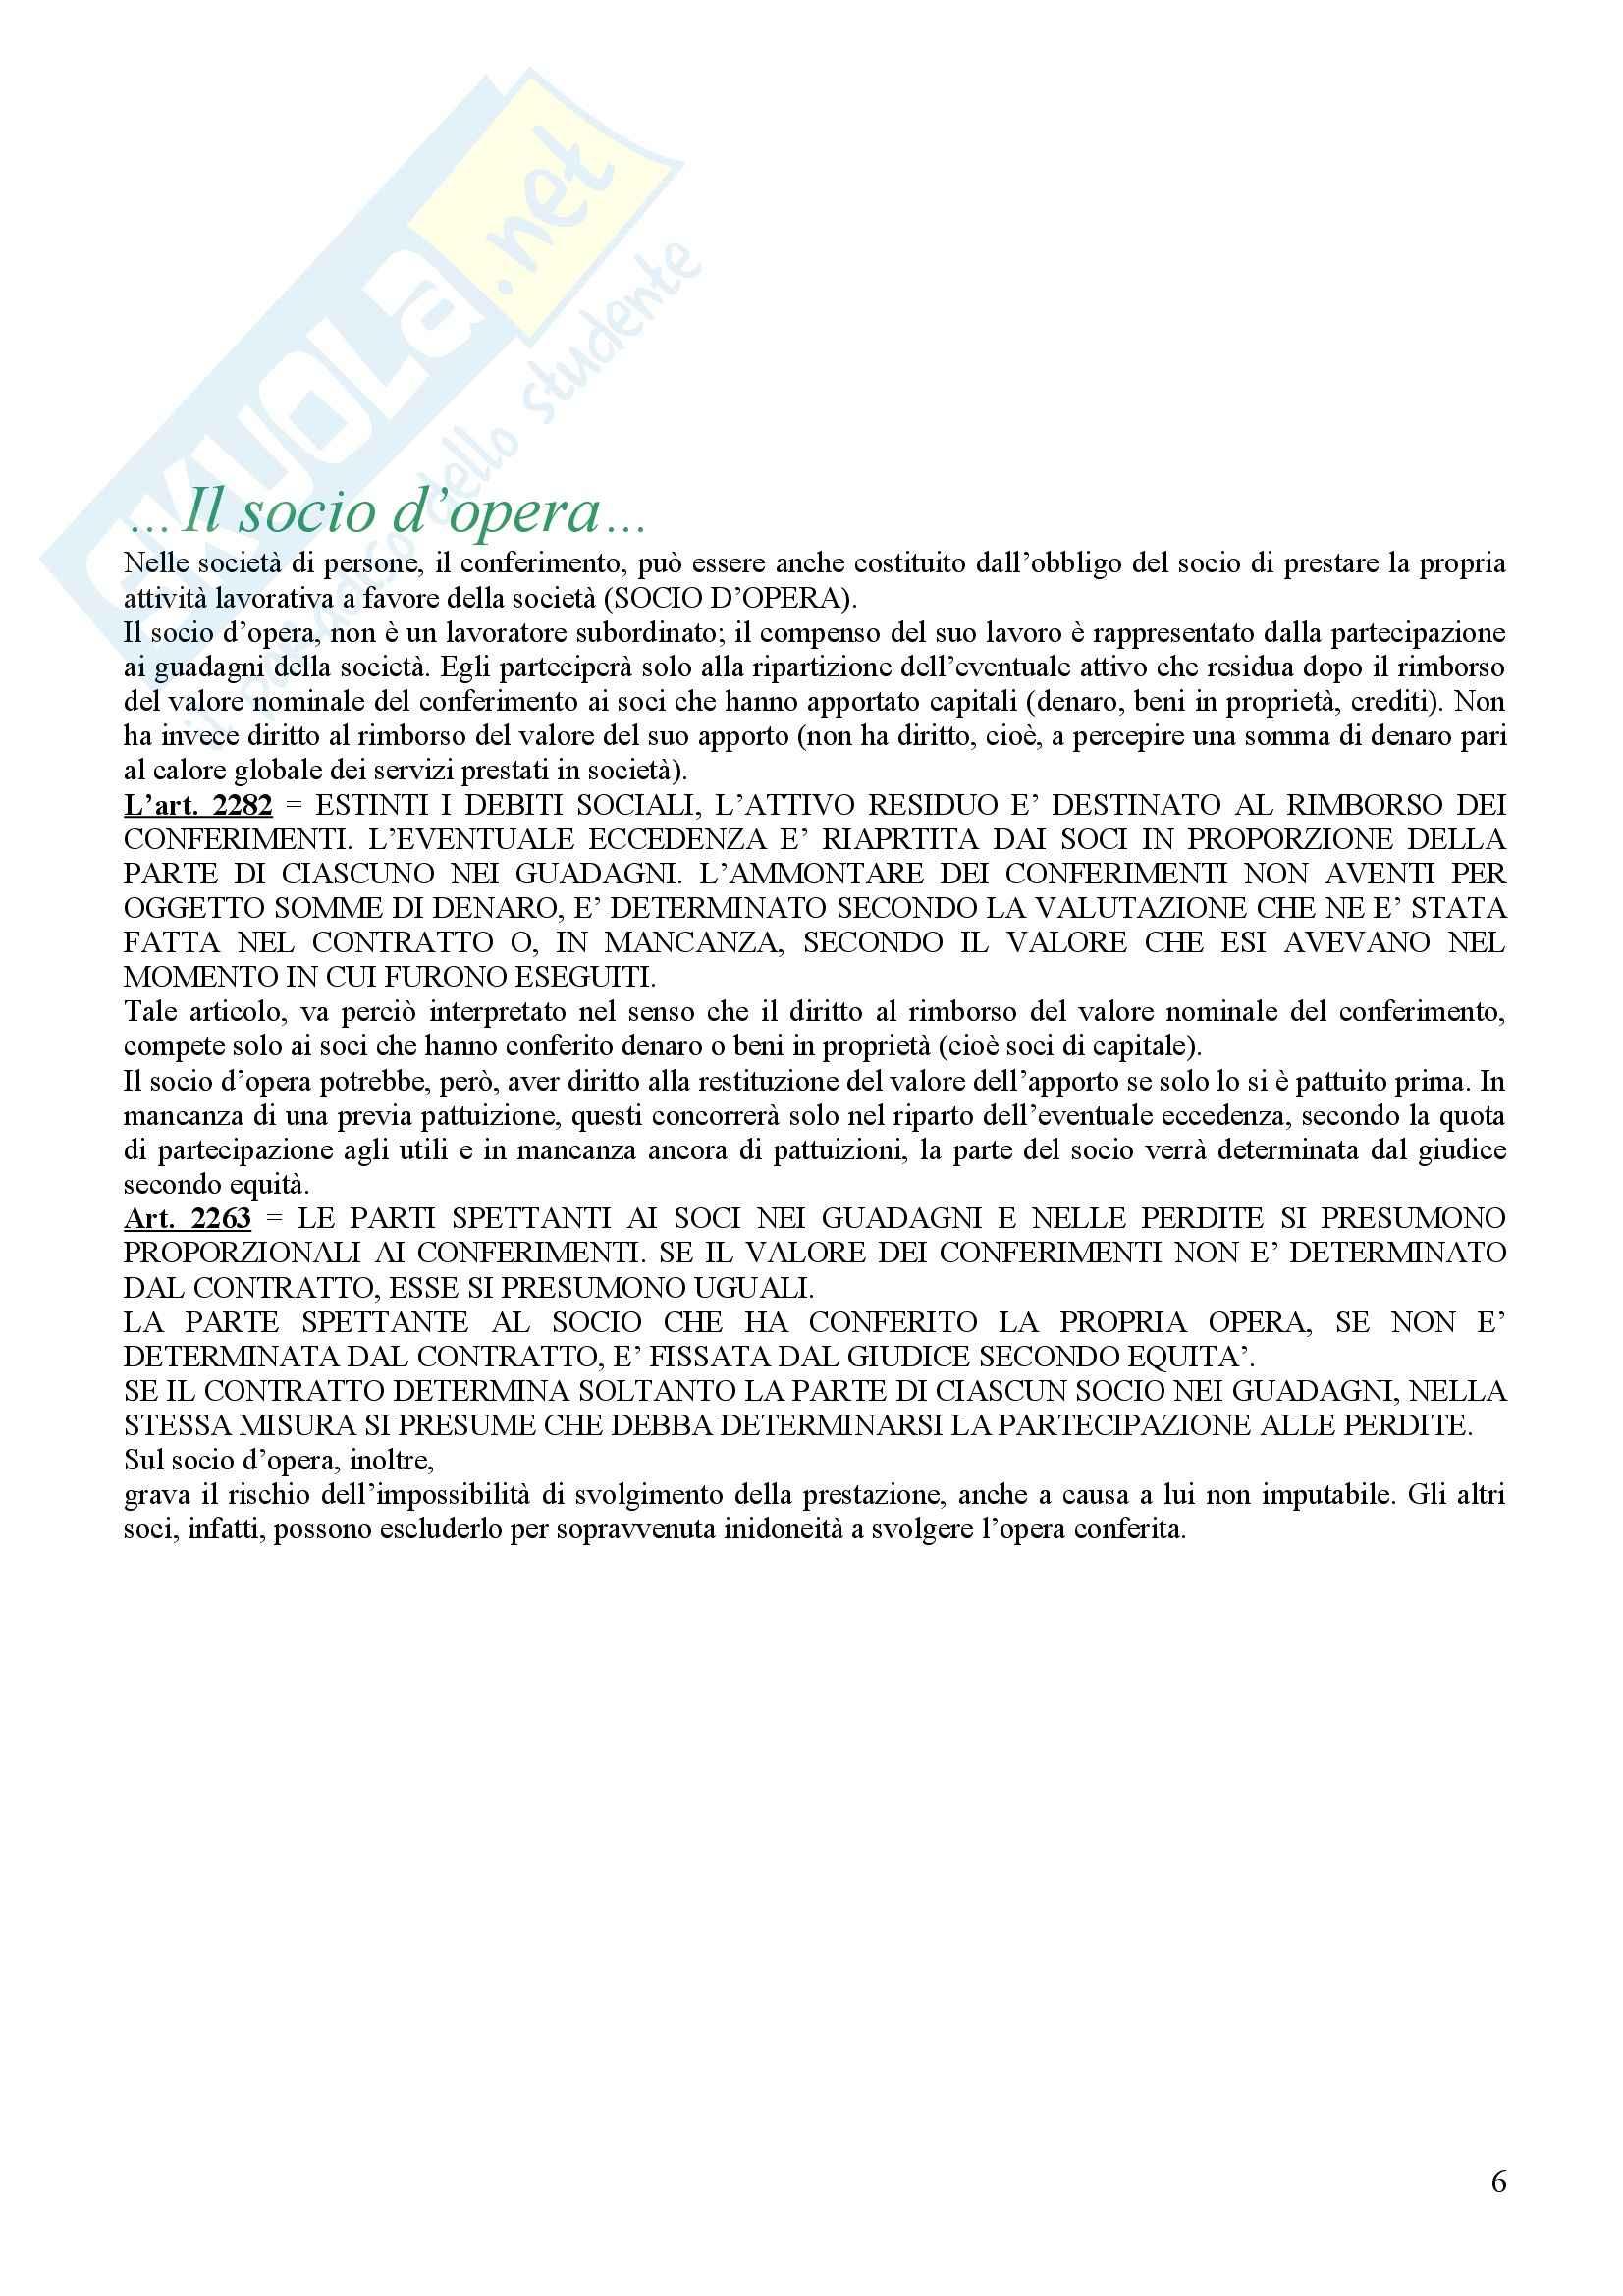 Diritto commerciale - la società semplice e la società in nome collettivo Pag. 6